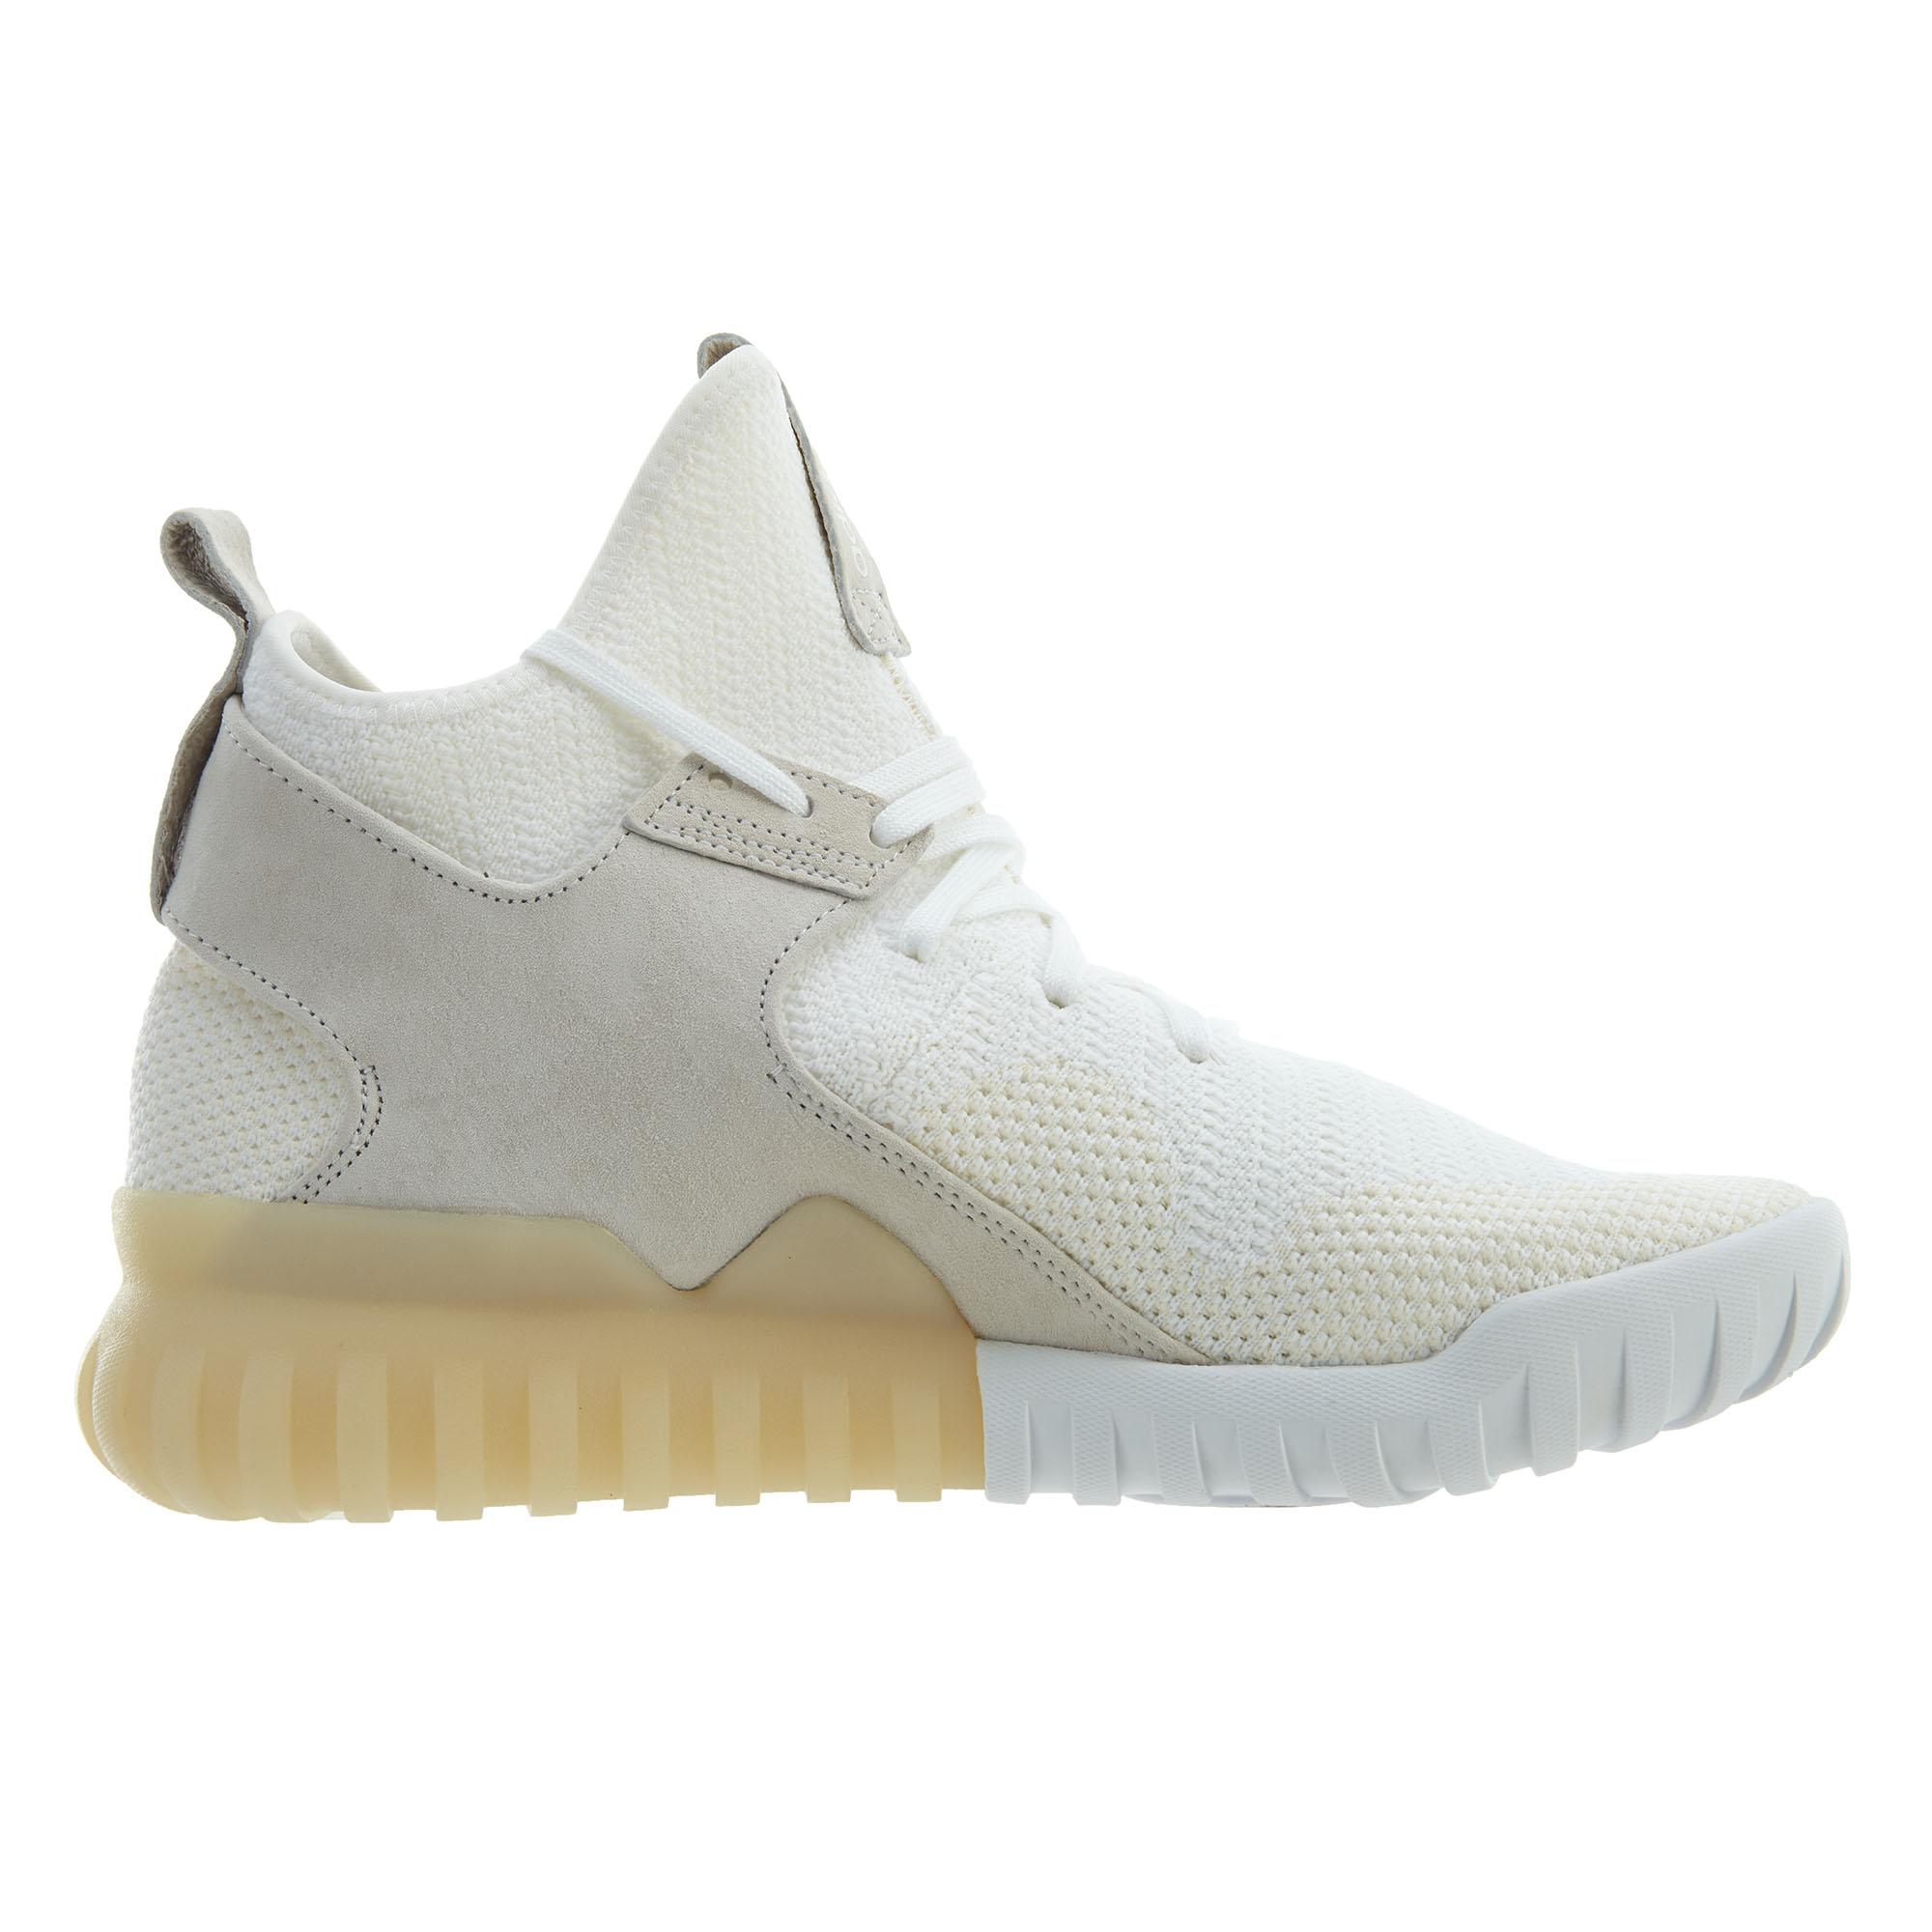 adidas Tubular X Pk White/White/White